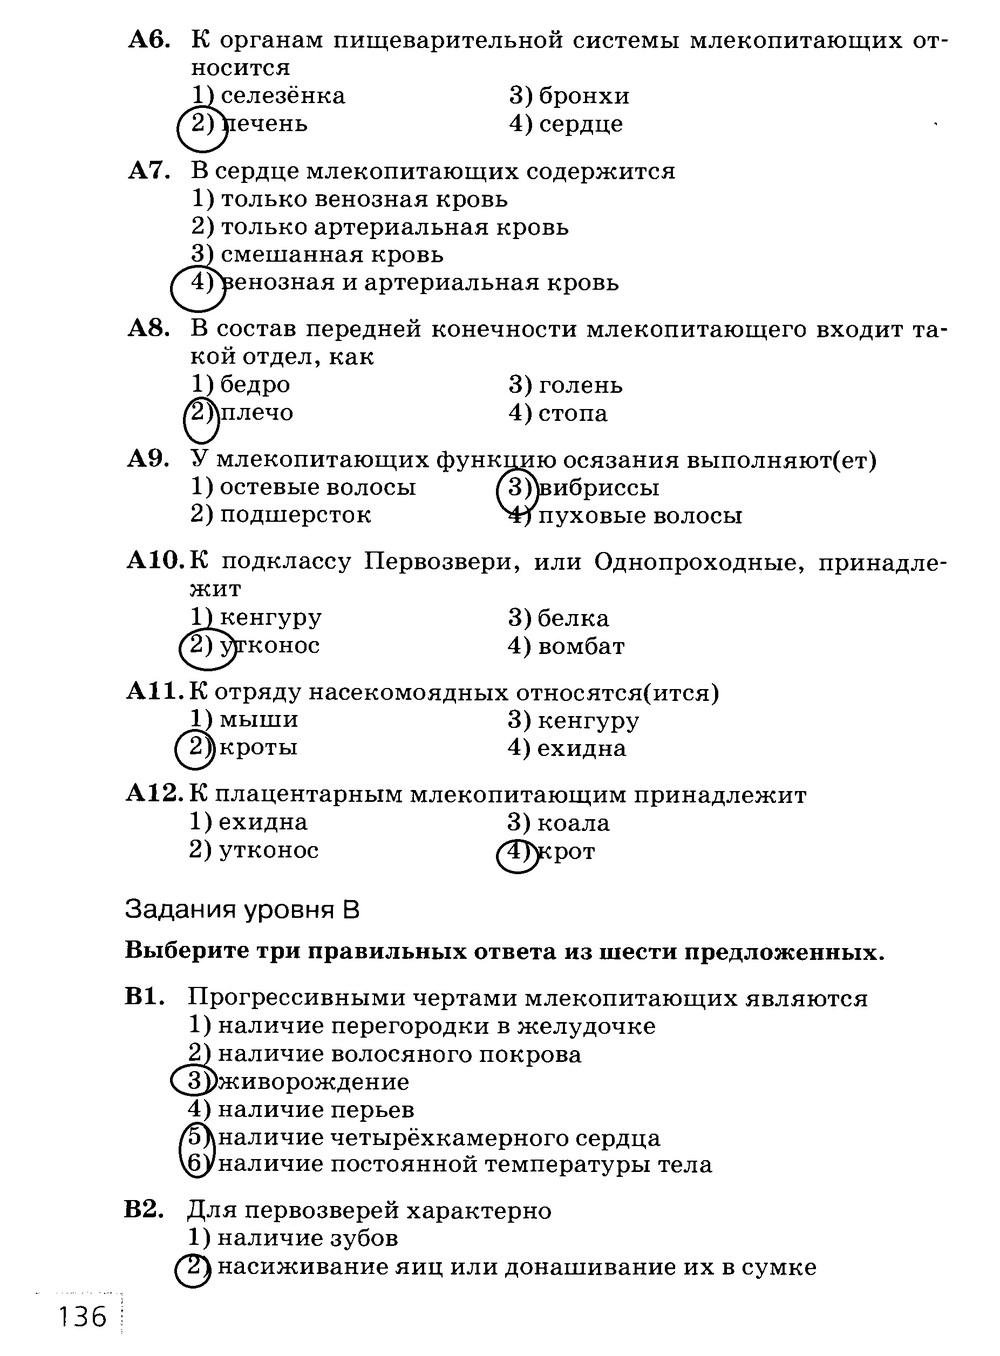 Биологии гдз.решение по захаров и задач сонин класс биология 9